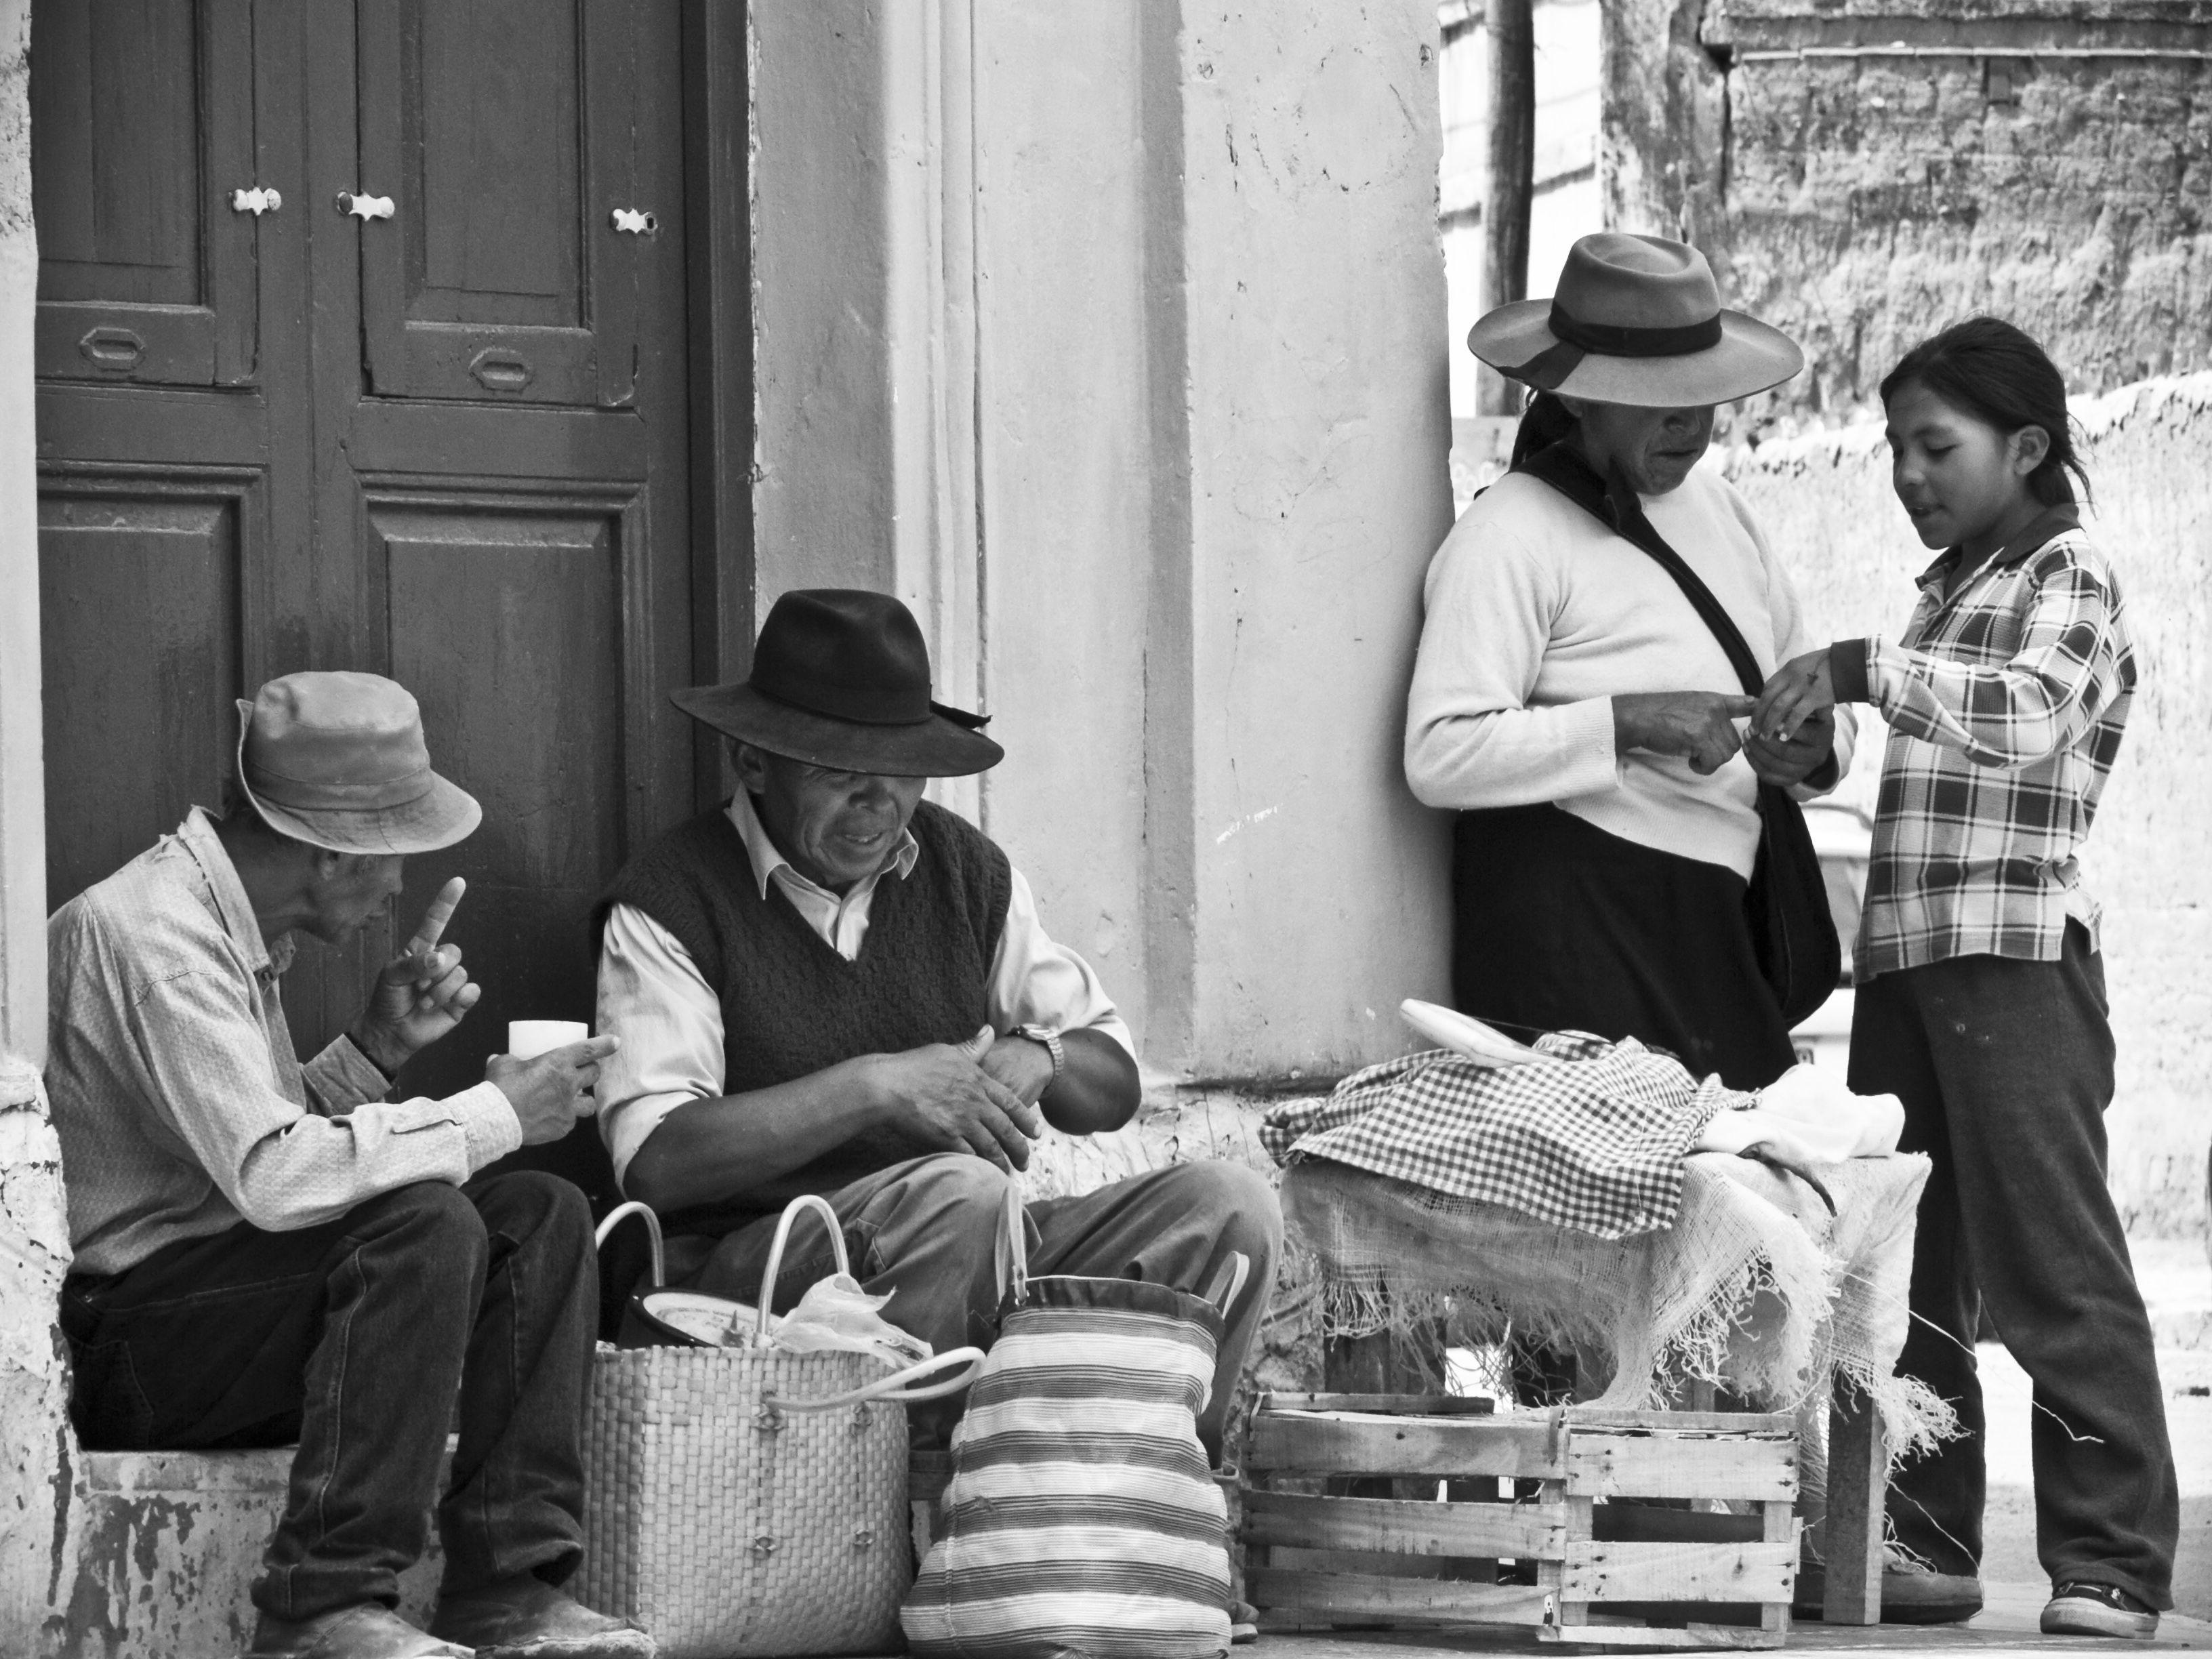 Foto: Maimara por niño rubén dario en Arte y Fotografía - El fotolog del arte digital